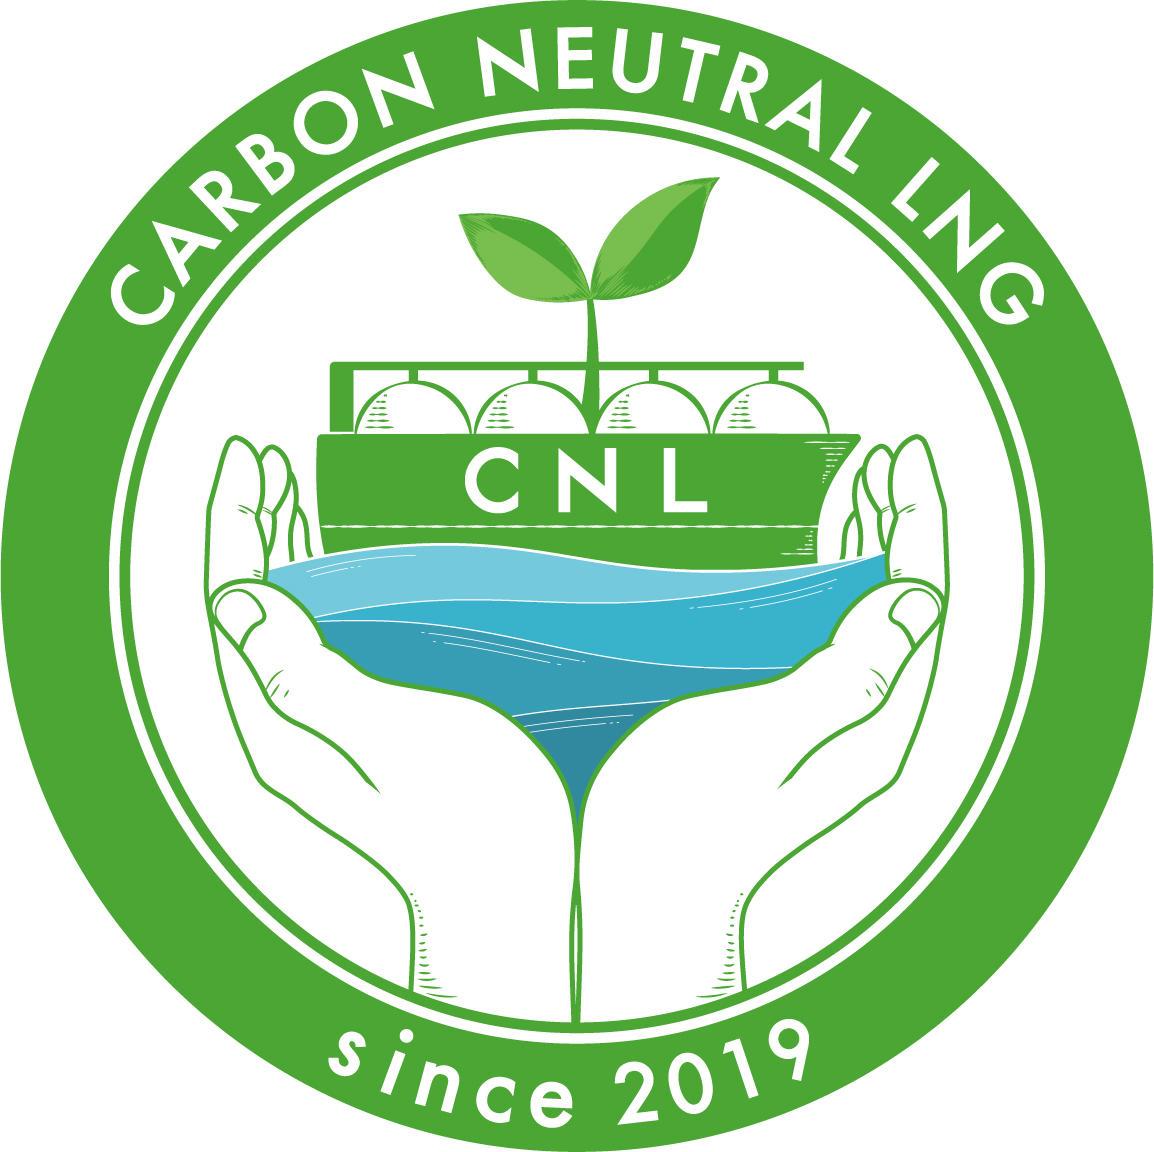 学校法人玉川学園が東京ガス株式会社ほか13社と共同でカーボンニュートラルLNGバイヤーズアライアンスを設立